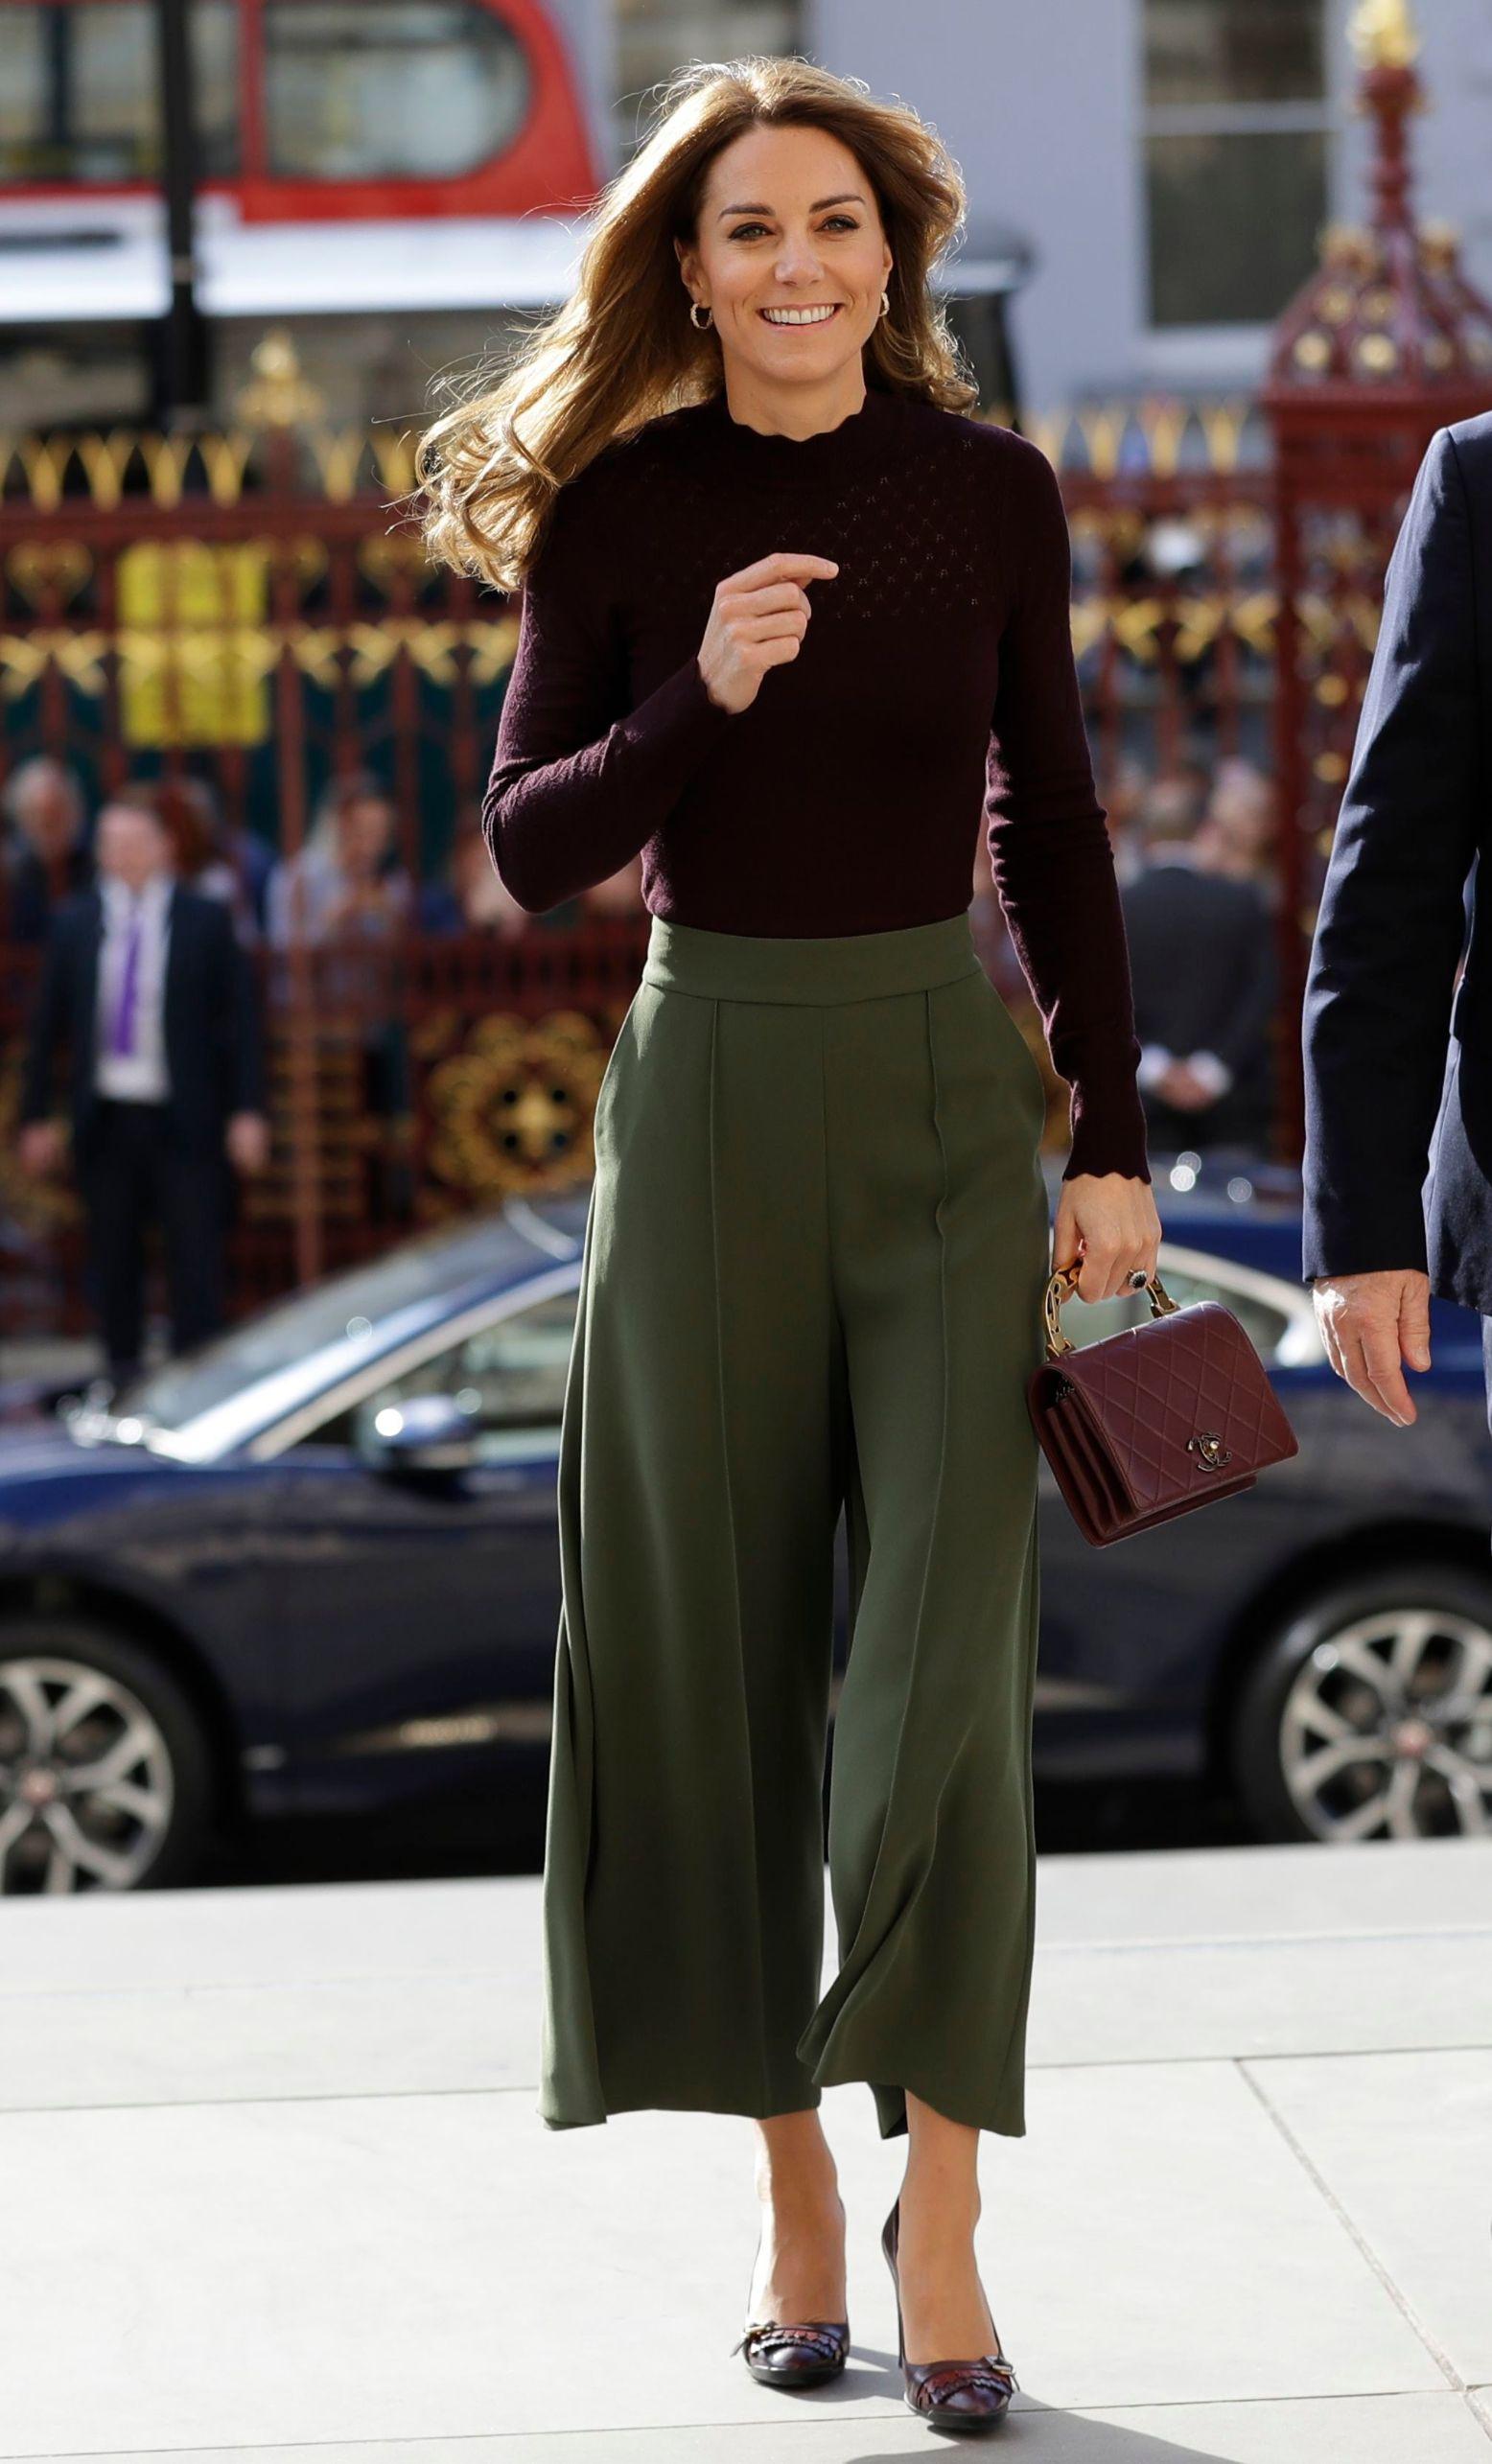 Hlače culotte kroja, dolčevita, oxfordice na petu i torbica s ručkom dobitna su kombinacija,